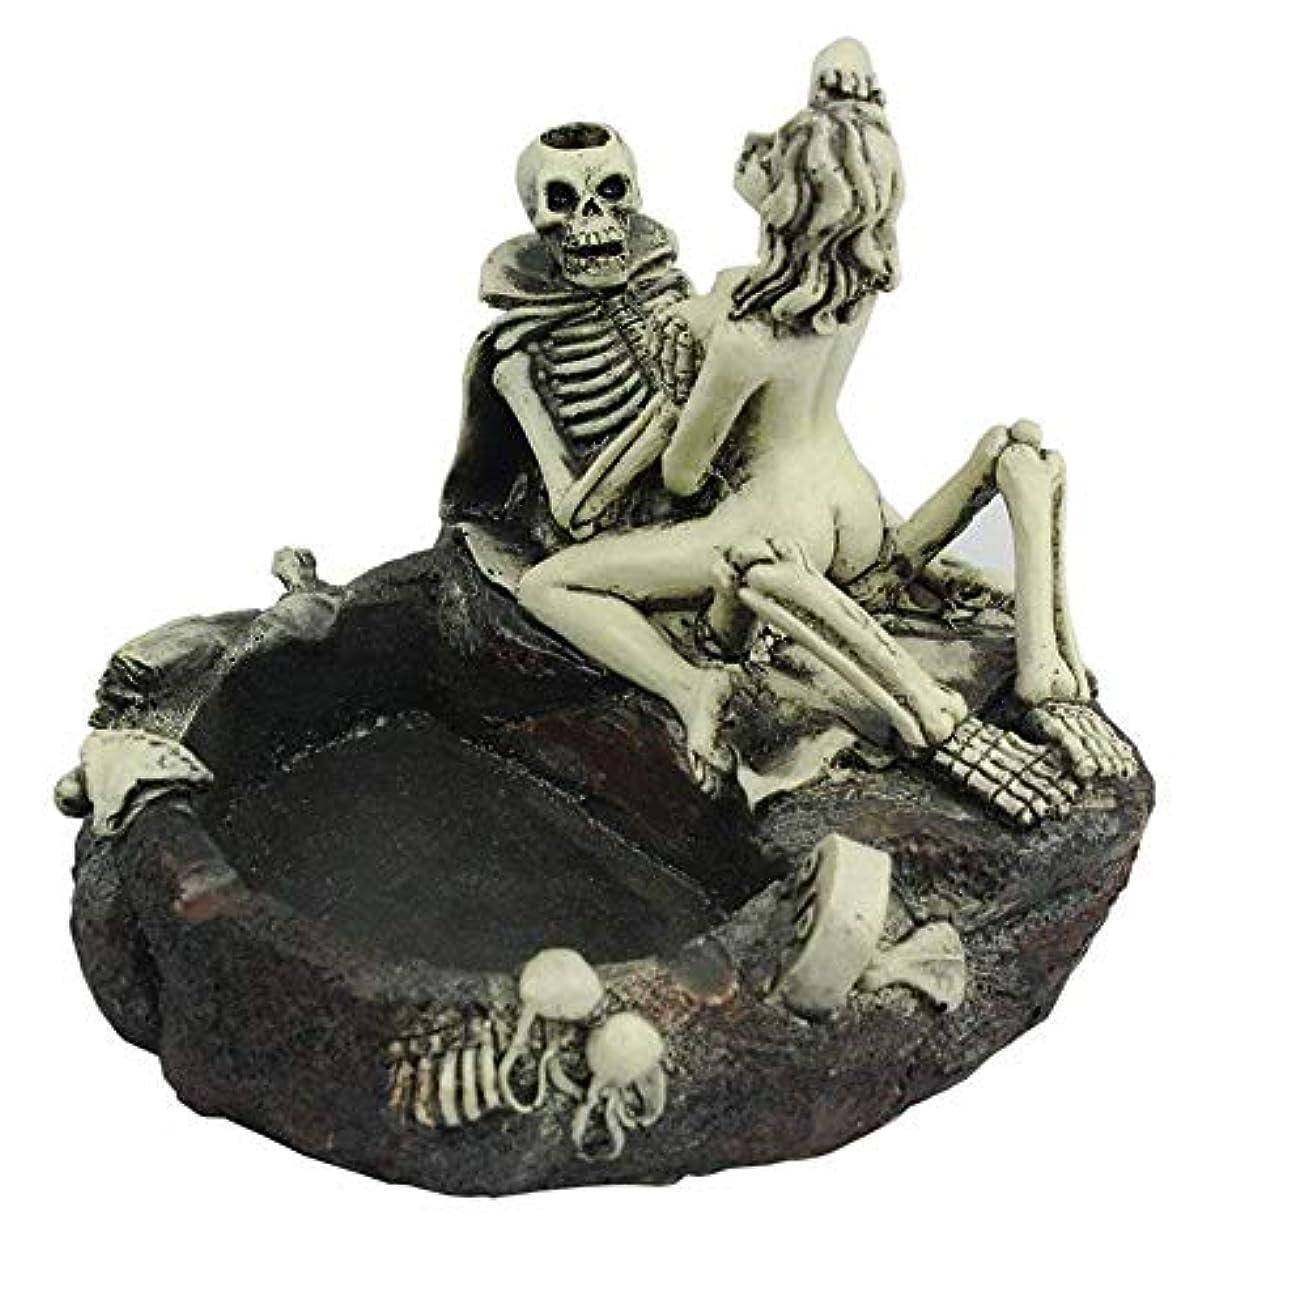 知覚できる海藻より平らな創造的な人格スケルトンのテーマ灰皿のスケルトン美しさの楽しい灰皿ボーイフレンドの楽しい装飾のギフトを送る